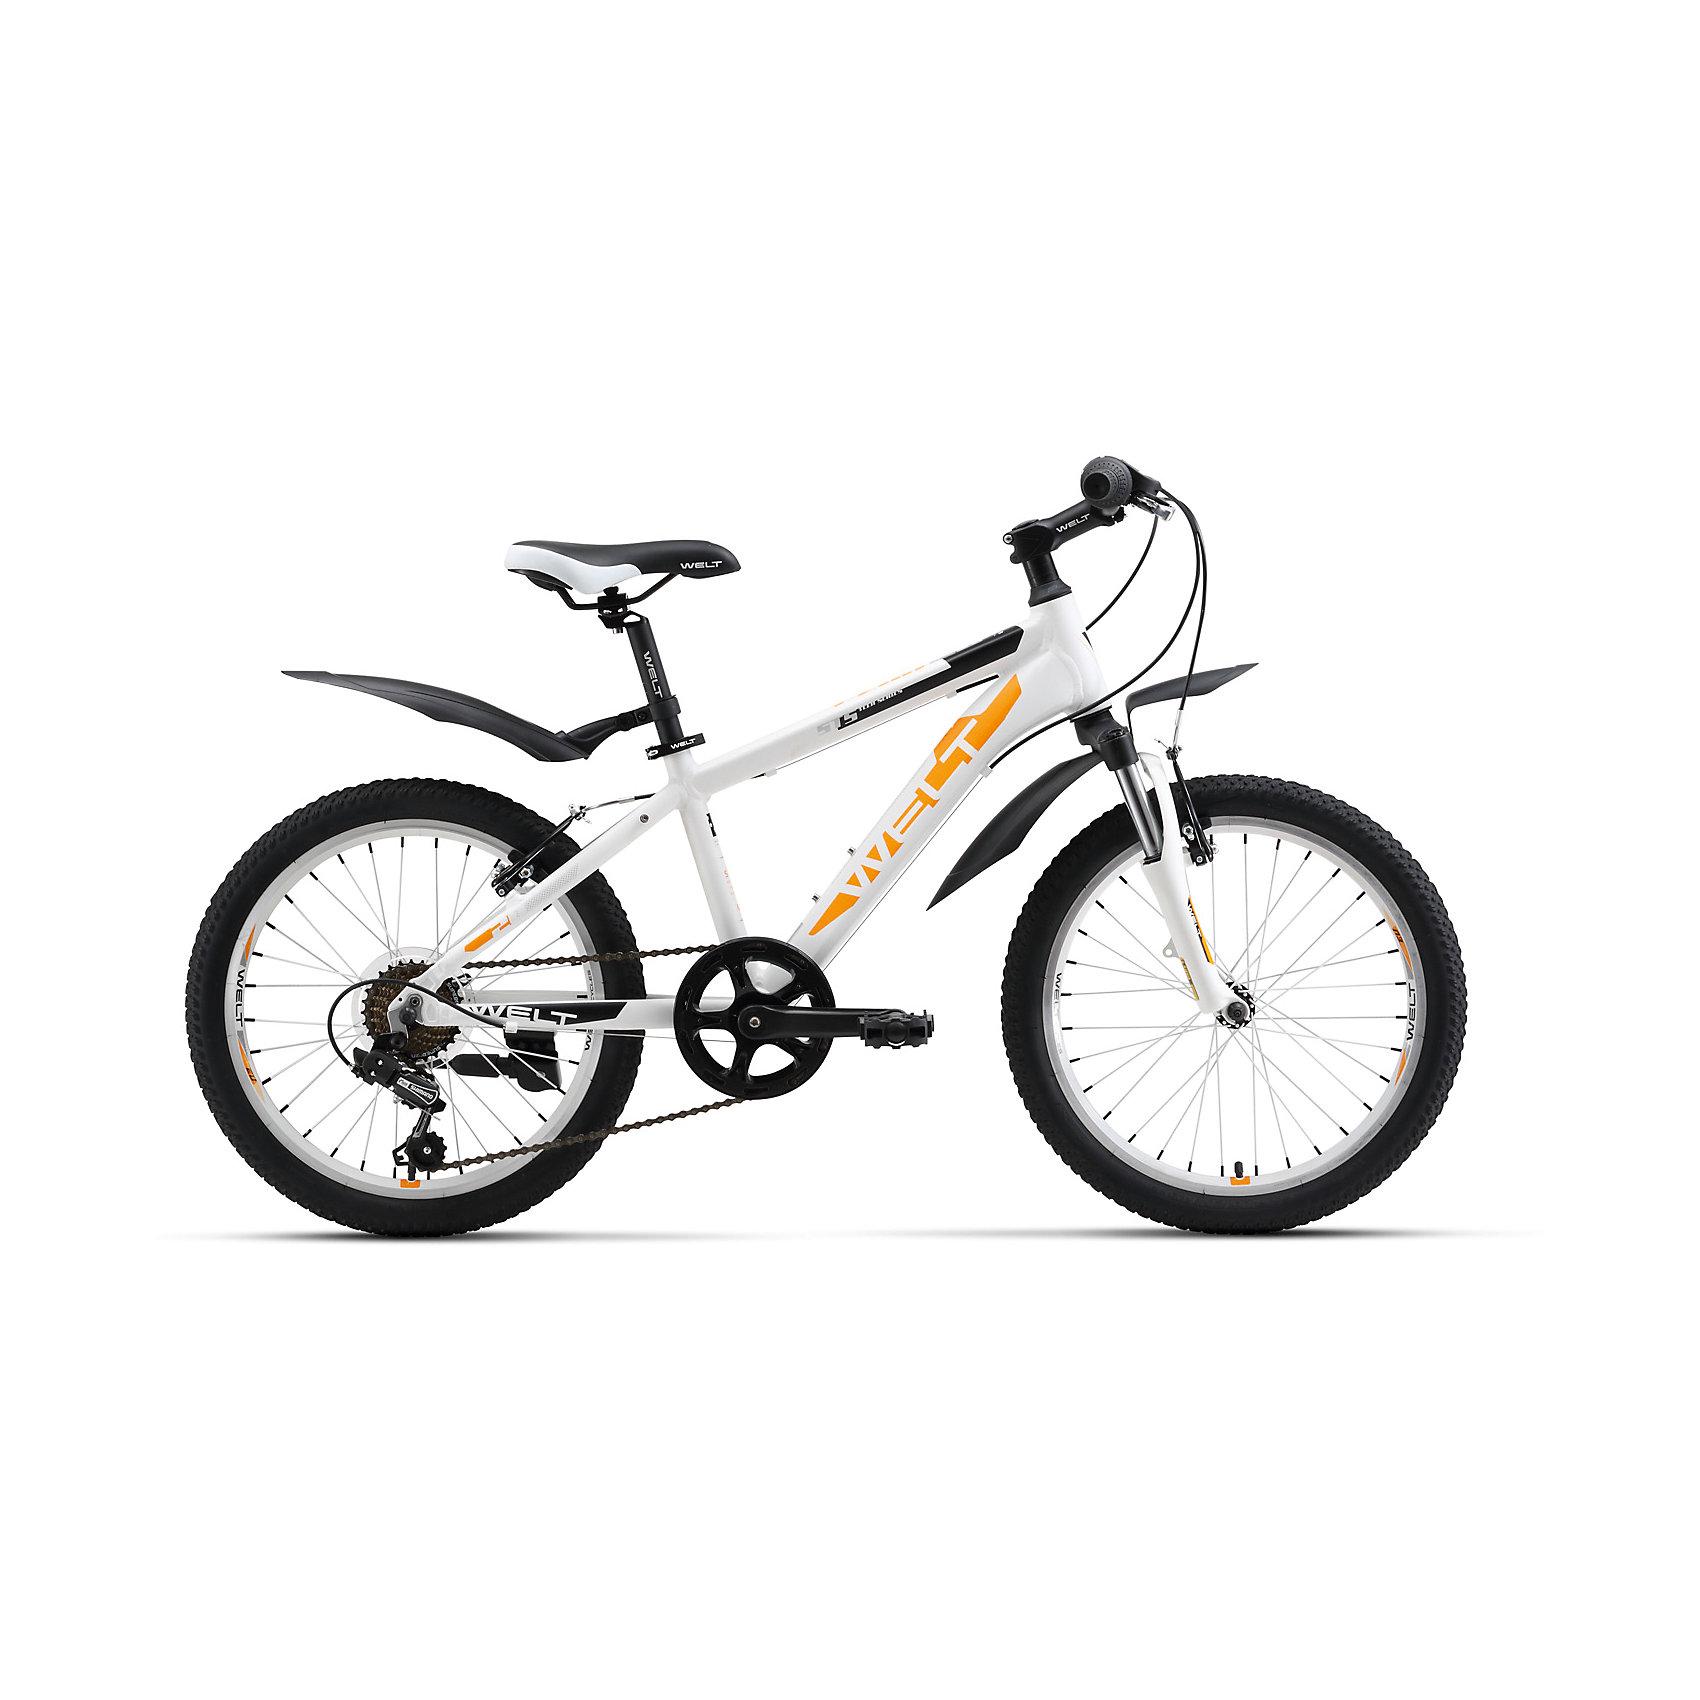 Велосипед  Peak 20, бело-оранжевый, WeltВелосипеды детские<br>Характеристики товара:<br><br>•  цвет: белый, оранжевый <br>• возраст: от 4 лет <br>• рама: Alloy 6061<br>• диаметр колес: 20<br>• скоростей: 7<br>• вилка: амортизационная (WELT ES-245 73 mm)<br>• задний переключатель: Shimano TY-21<br>• шифтеры: Shimano RS-35 R 7spd<br>• тормоза: CB-141 (V-brake)<br>• каретка: semi-cartridge<br>• кассета: TriDaimond FW217B<br>• тип рулевой колонки: 1-1/8 безрезьбовая<br>• вынос: alloy, A-Head, 80mm<br>• руль: steel low rise Ф25,4 560mm<br>• ободья: alloy, double wall<br>• покрышки: Wanda P1197 20x1,95<br>• втулки: YS w/QR<br>• подседельный штырь: steel Ф27,2 300mm<br>• цепь: KMC Z33<br>• вес: 16.5 кг <br>•размер: 145х20х80см. <br>• страна бренда: Германия  <br><br>Горный велосипед для мальчиков с колесами 20 дюймов, собранных на двойных ободах, гораздо более устойчивых к ударам, бордюрам и деформациям. <br><br>Рама из алюминиевого сплава сварена из труб сложного профиля, что обеспечивает высокую надежность и безопасность при эксплуатации. <br><br>Рулевой узел выполнен по стандартам взрослых горных велосипедов, что также повышает эксплуатационные свойства. <br><br>Модель оборудована амортизационной вилкой и 7 скоростной трансмиссией Shimano Tourney. В комплект велосипеда входят крылья и подножка. <br><br>Велосипед  Peak 20 можно купить в нашем интернет-магазине.<br><br>Ширина мм: 1450<br>Глубина мм: 200<br>Высота мм: 800<br>Вес г: 16500<br>Возраст от месяцев: 72<br>Возраст до месяцев: 132<br>Пол: Унисекс<br>Возраст: Детский<br>SKU: 5569407